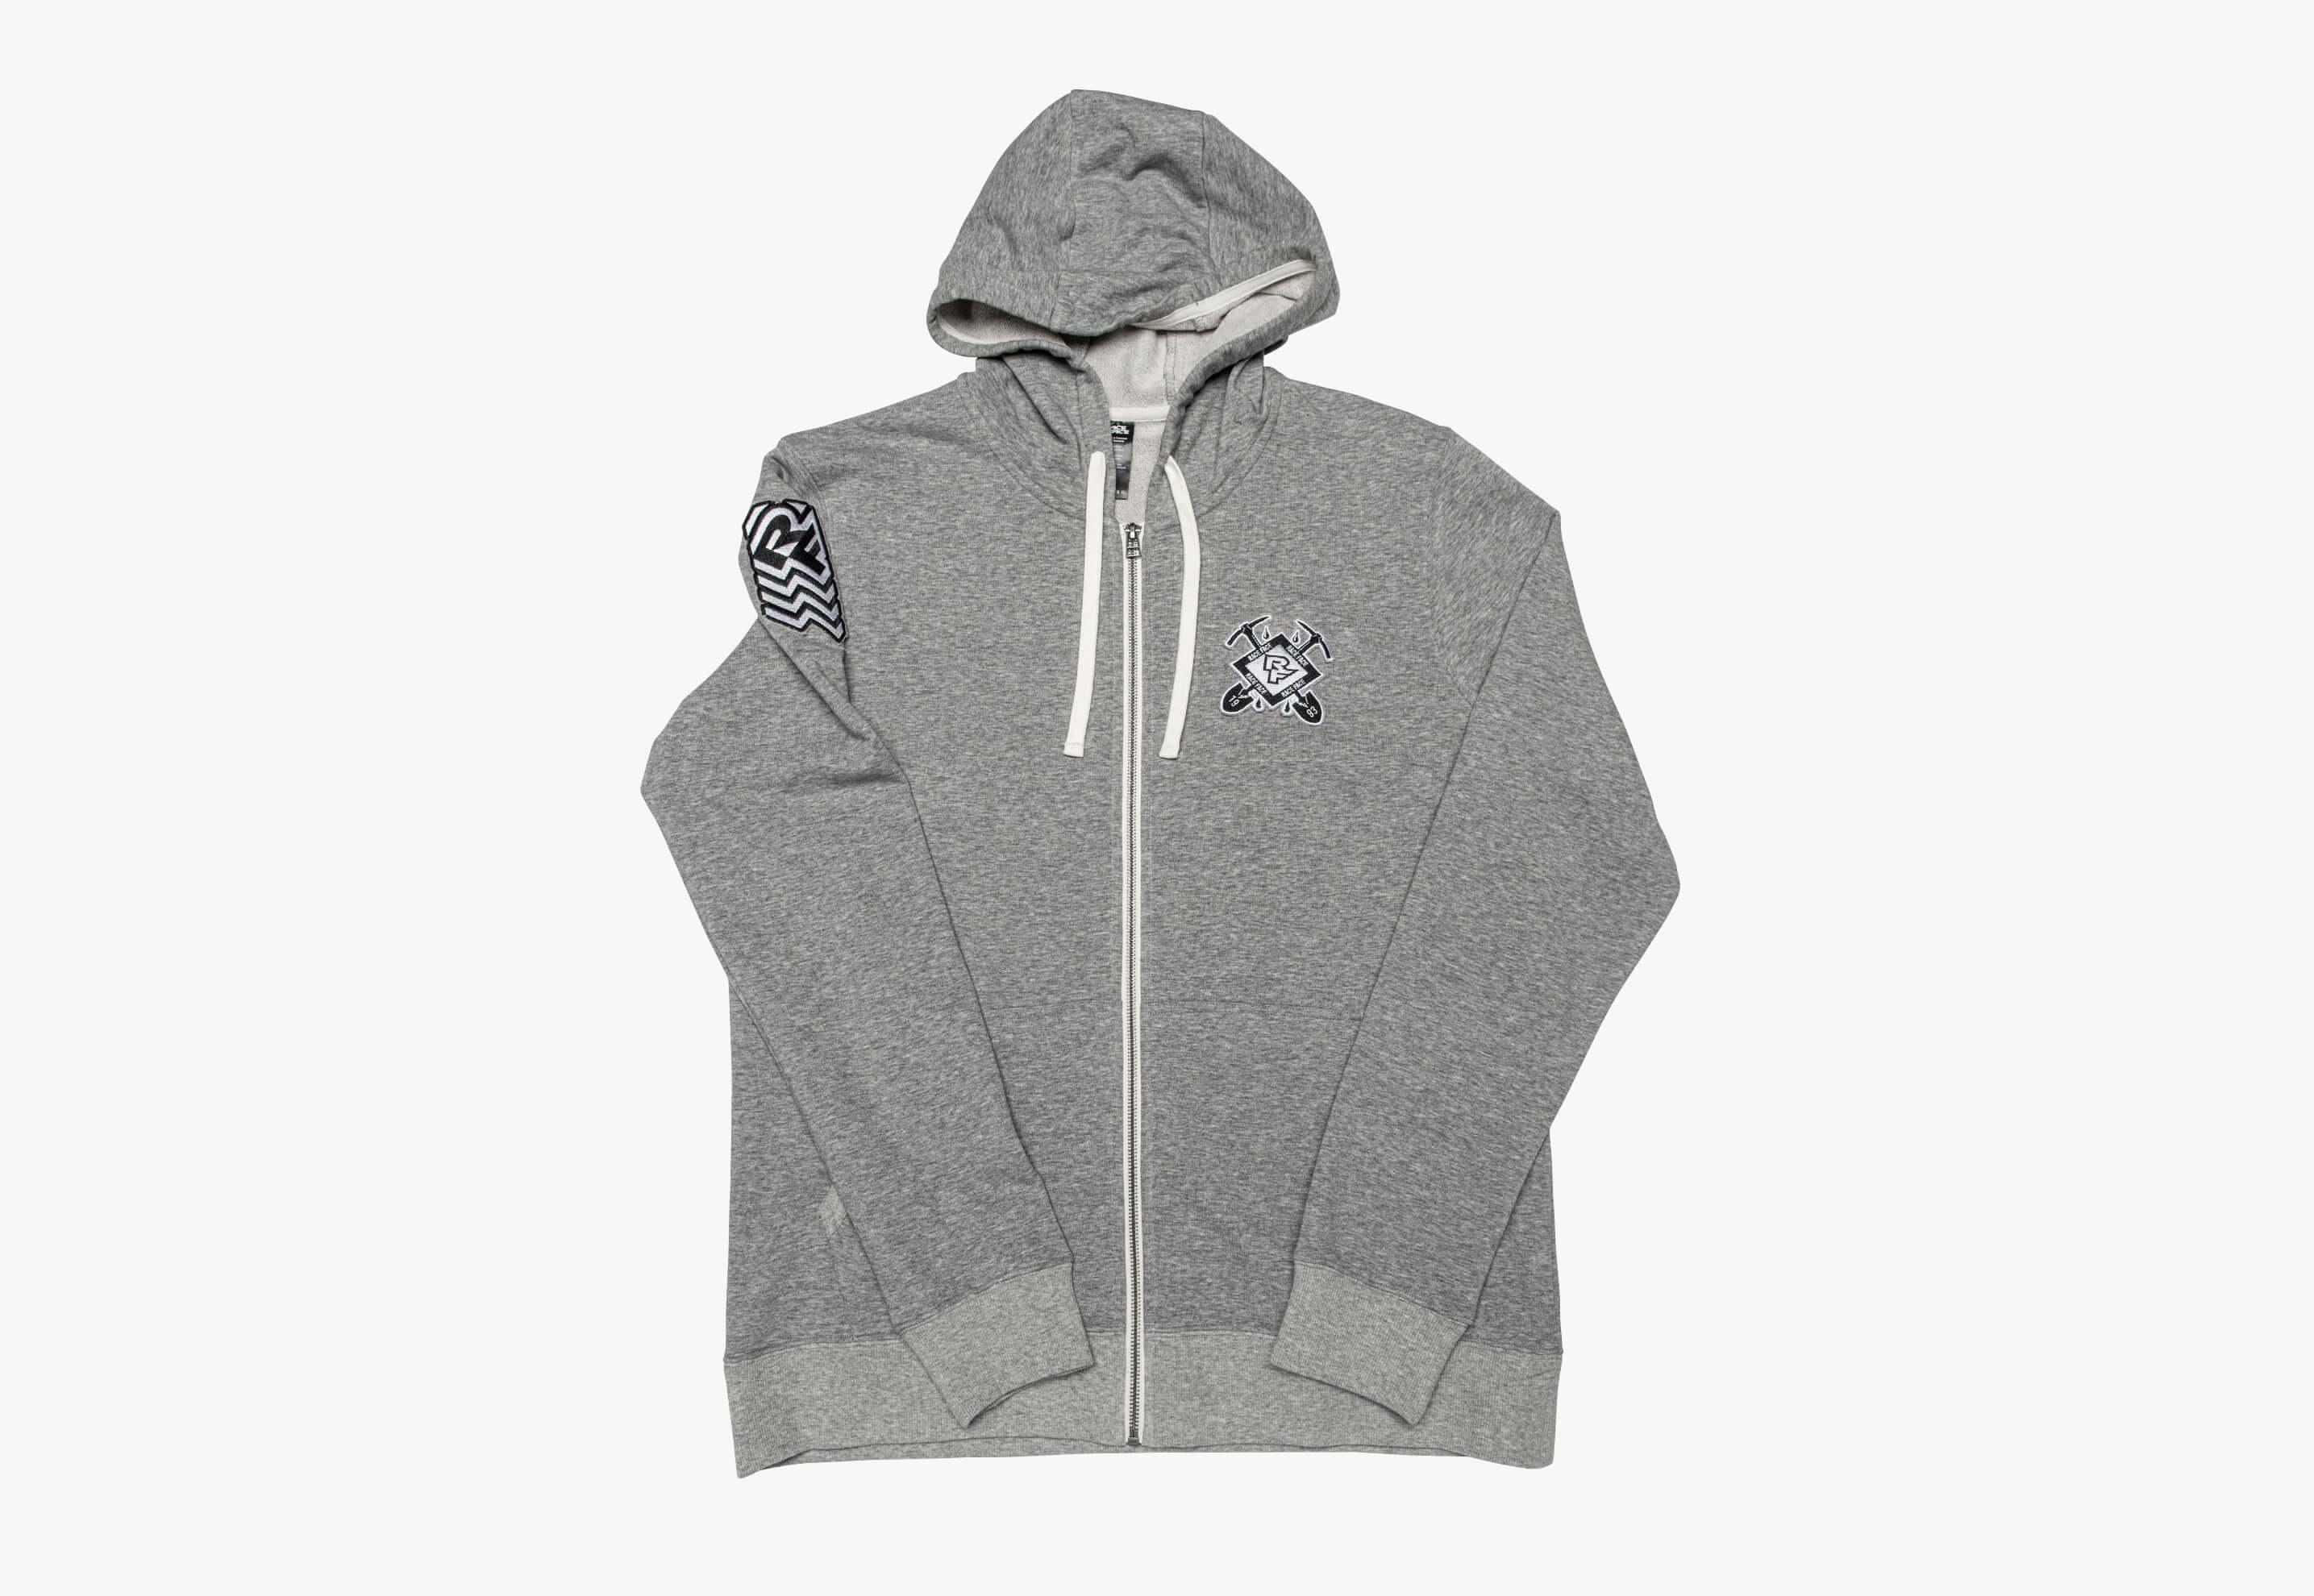 RF Crest Zip Hoody